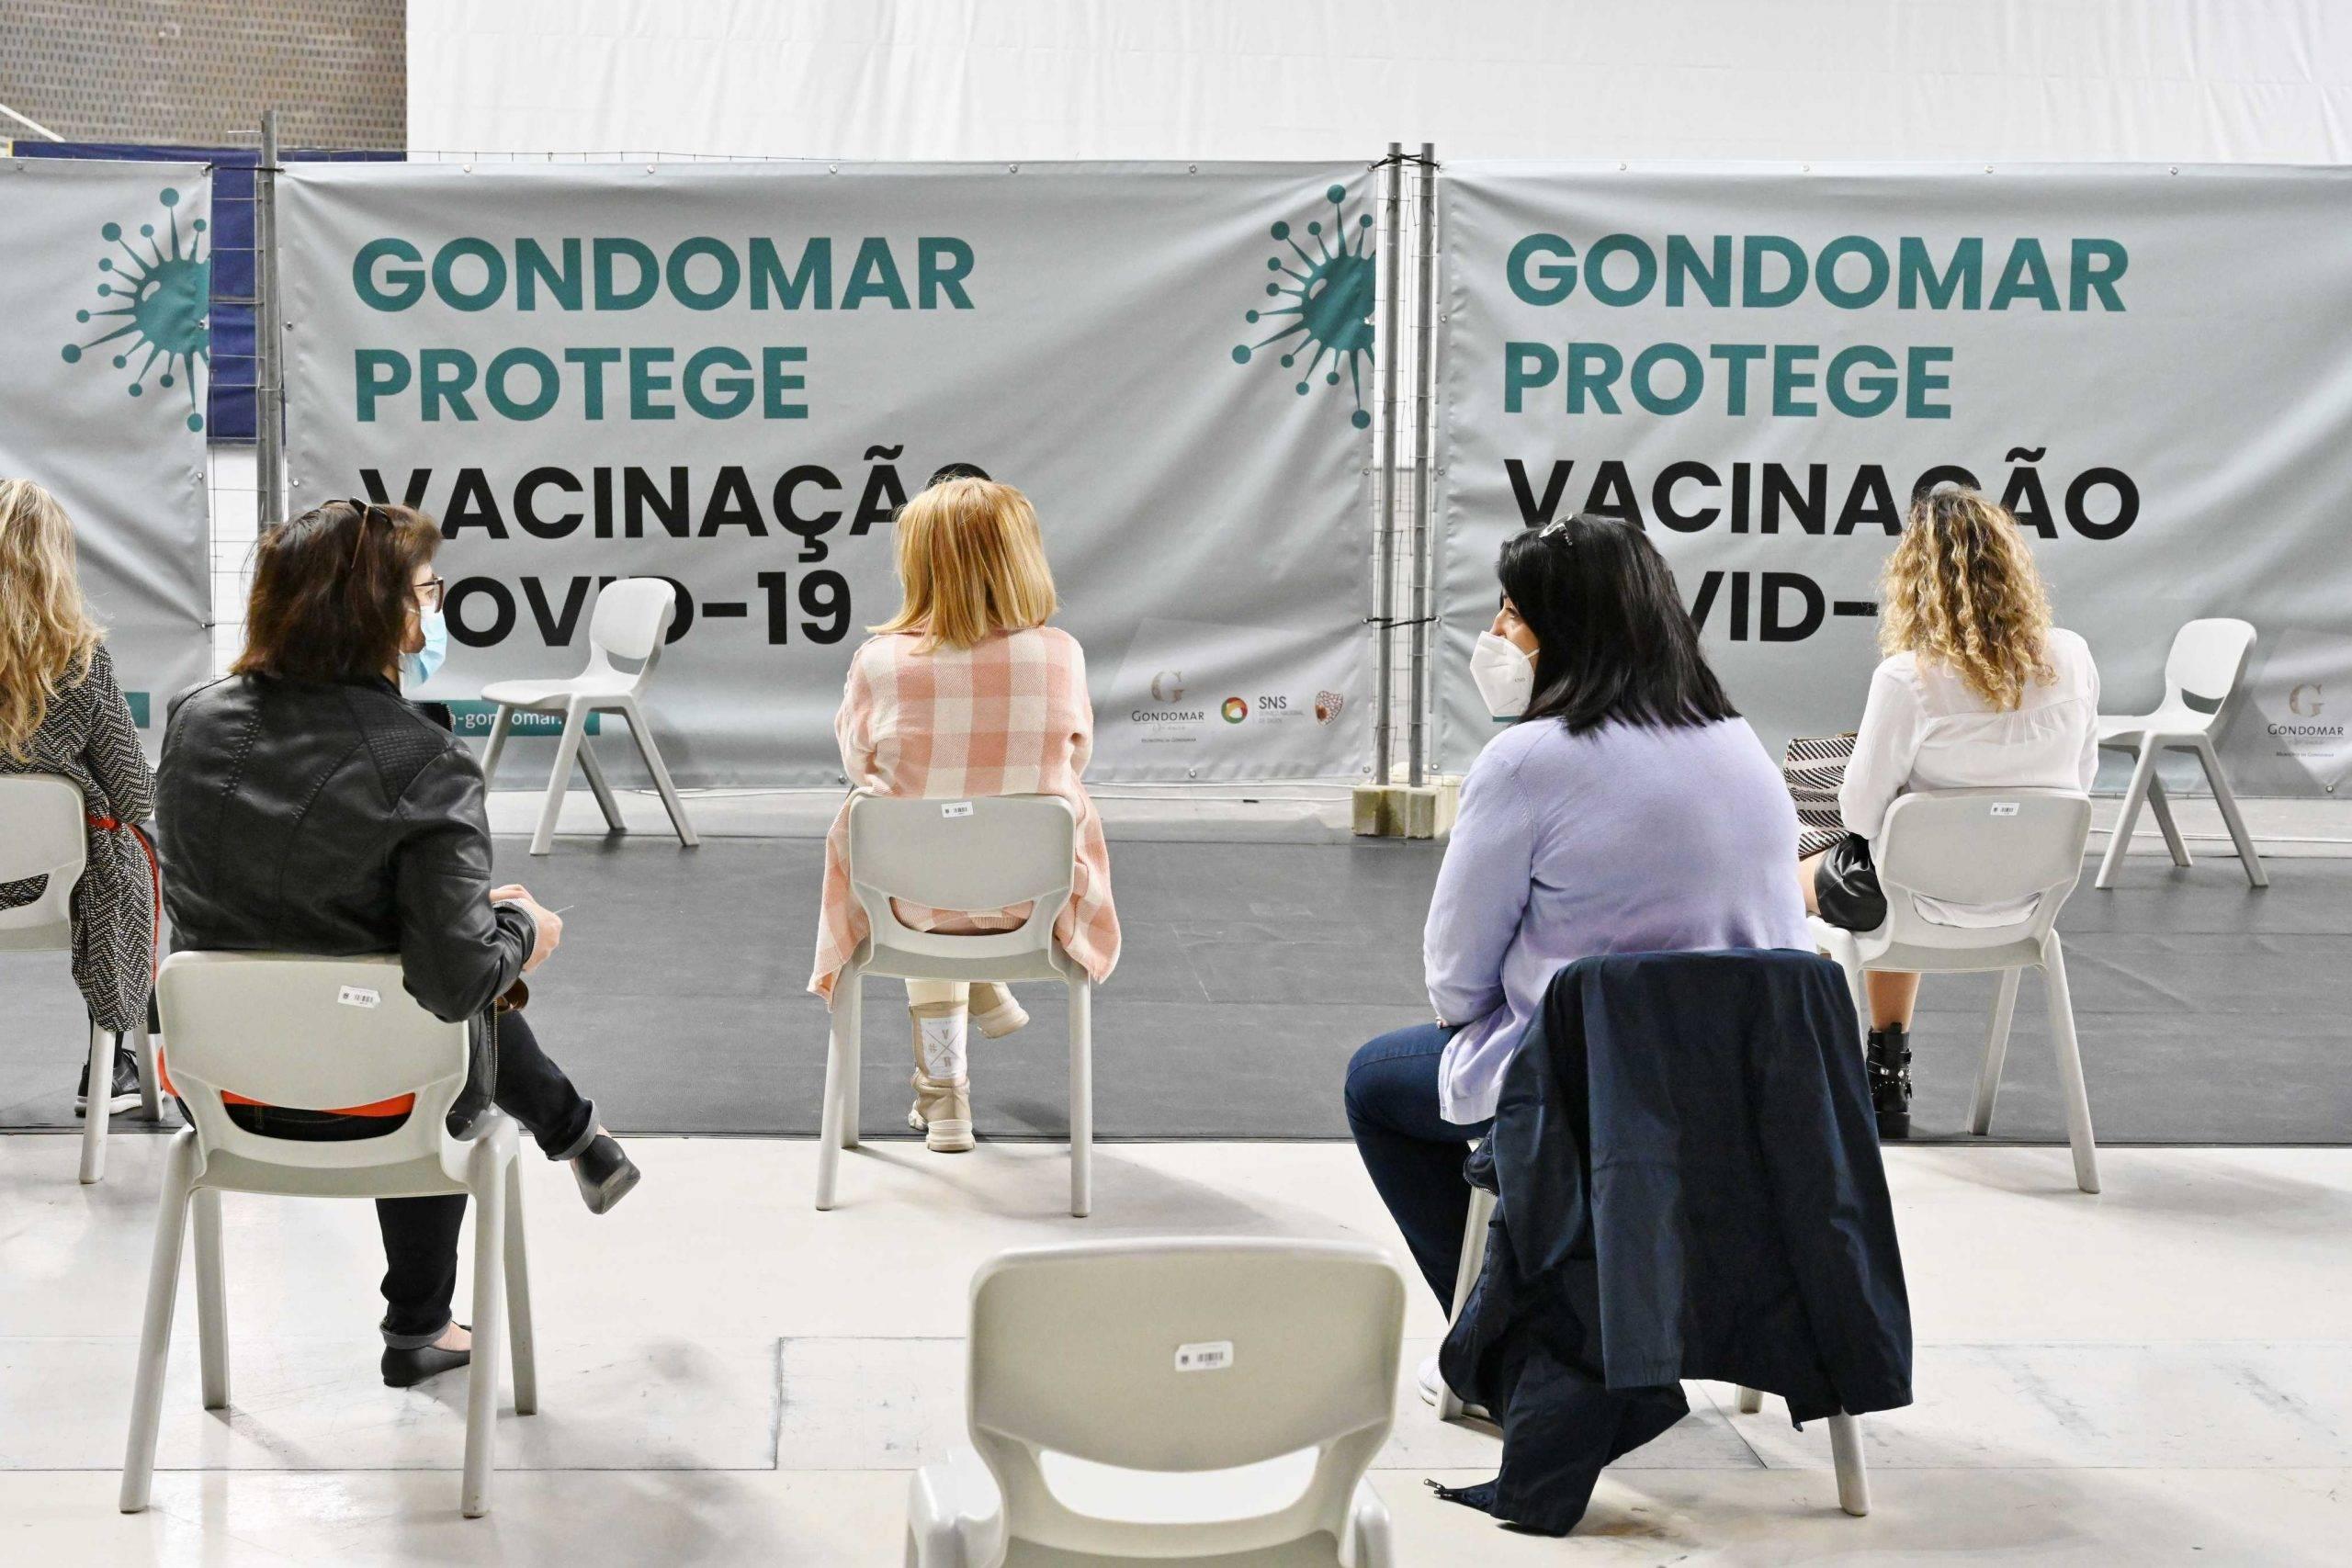 Cerca de 2500 professores e funcionários vacinados este fim-de-semana em Gondomar 1